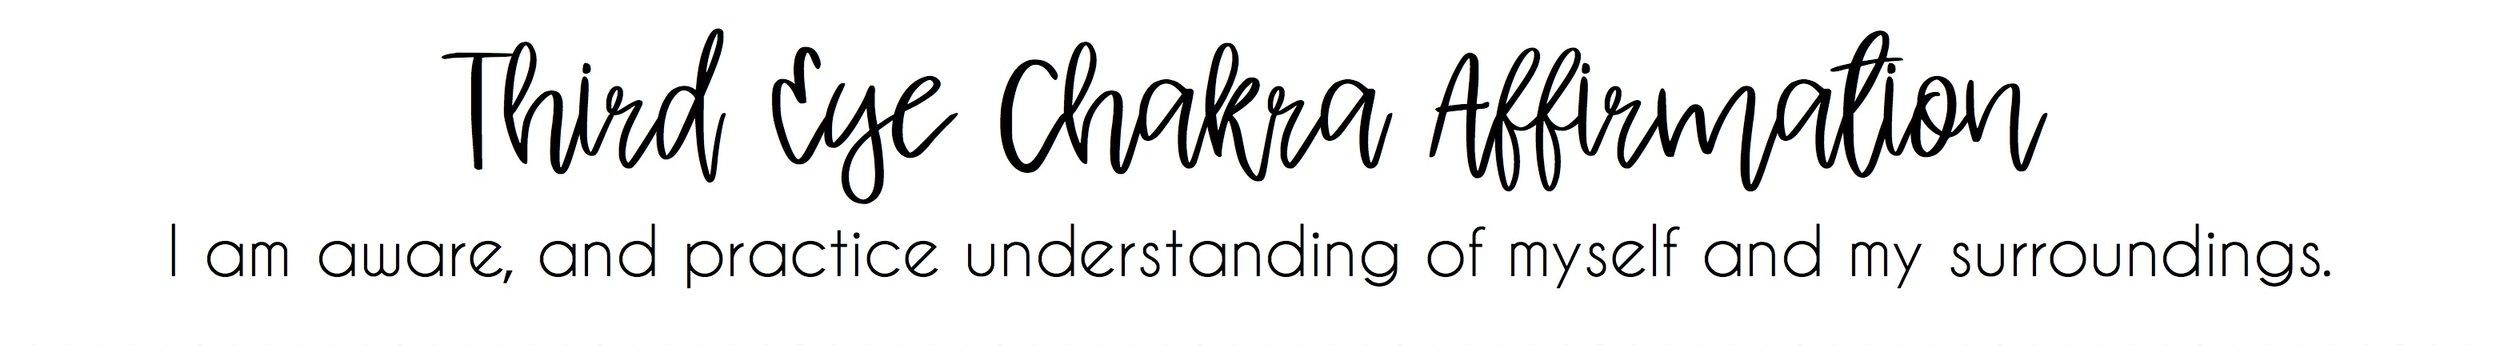 Third Eye Chakra Affirmation.jpg